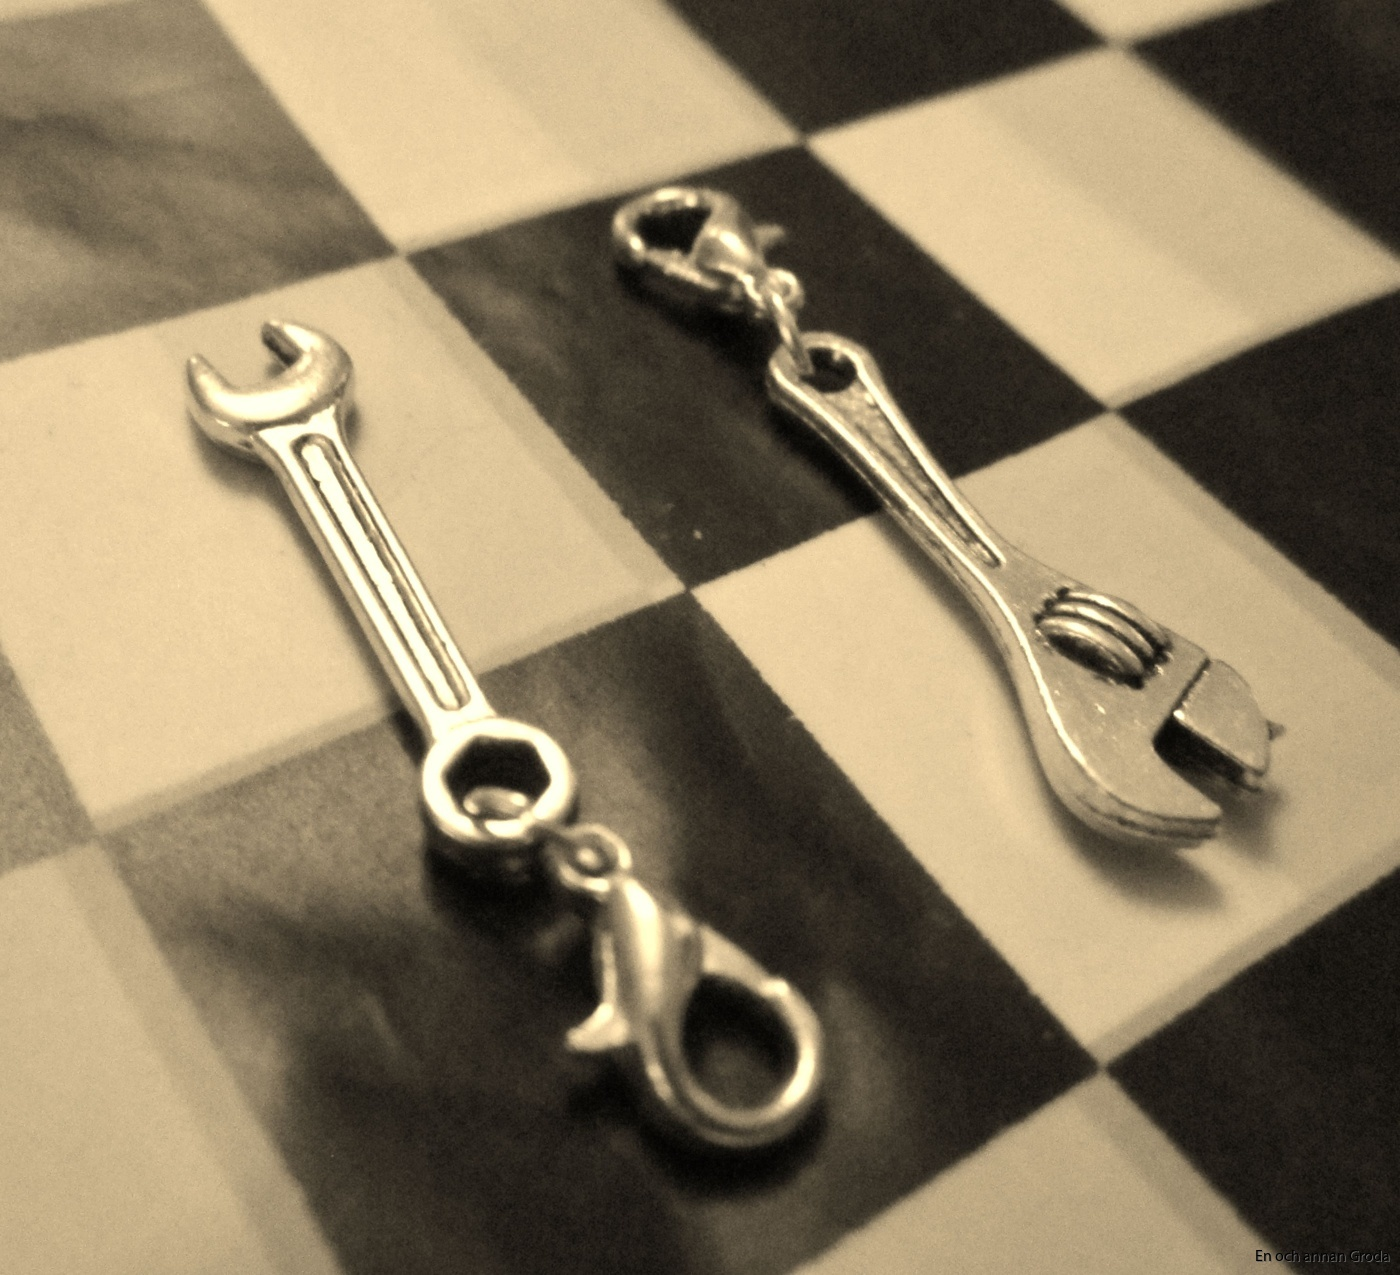 låsh blocknyckel skiftnyckel (2)